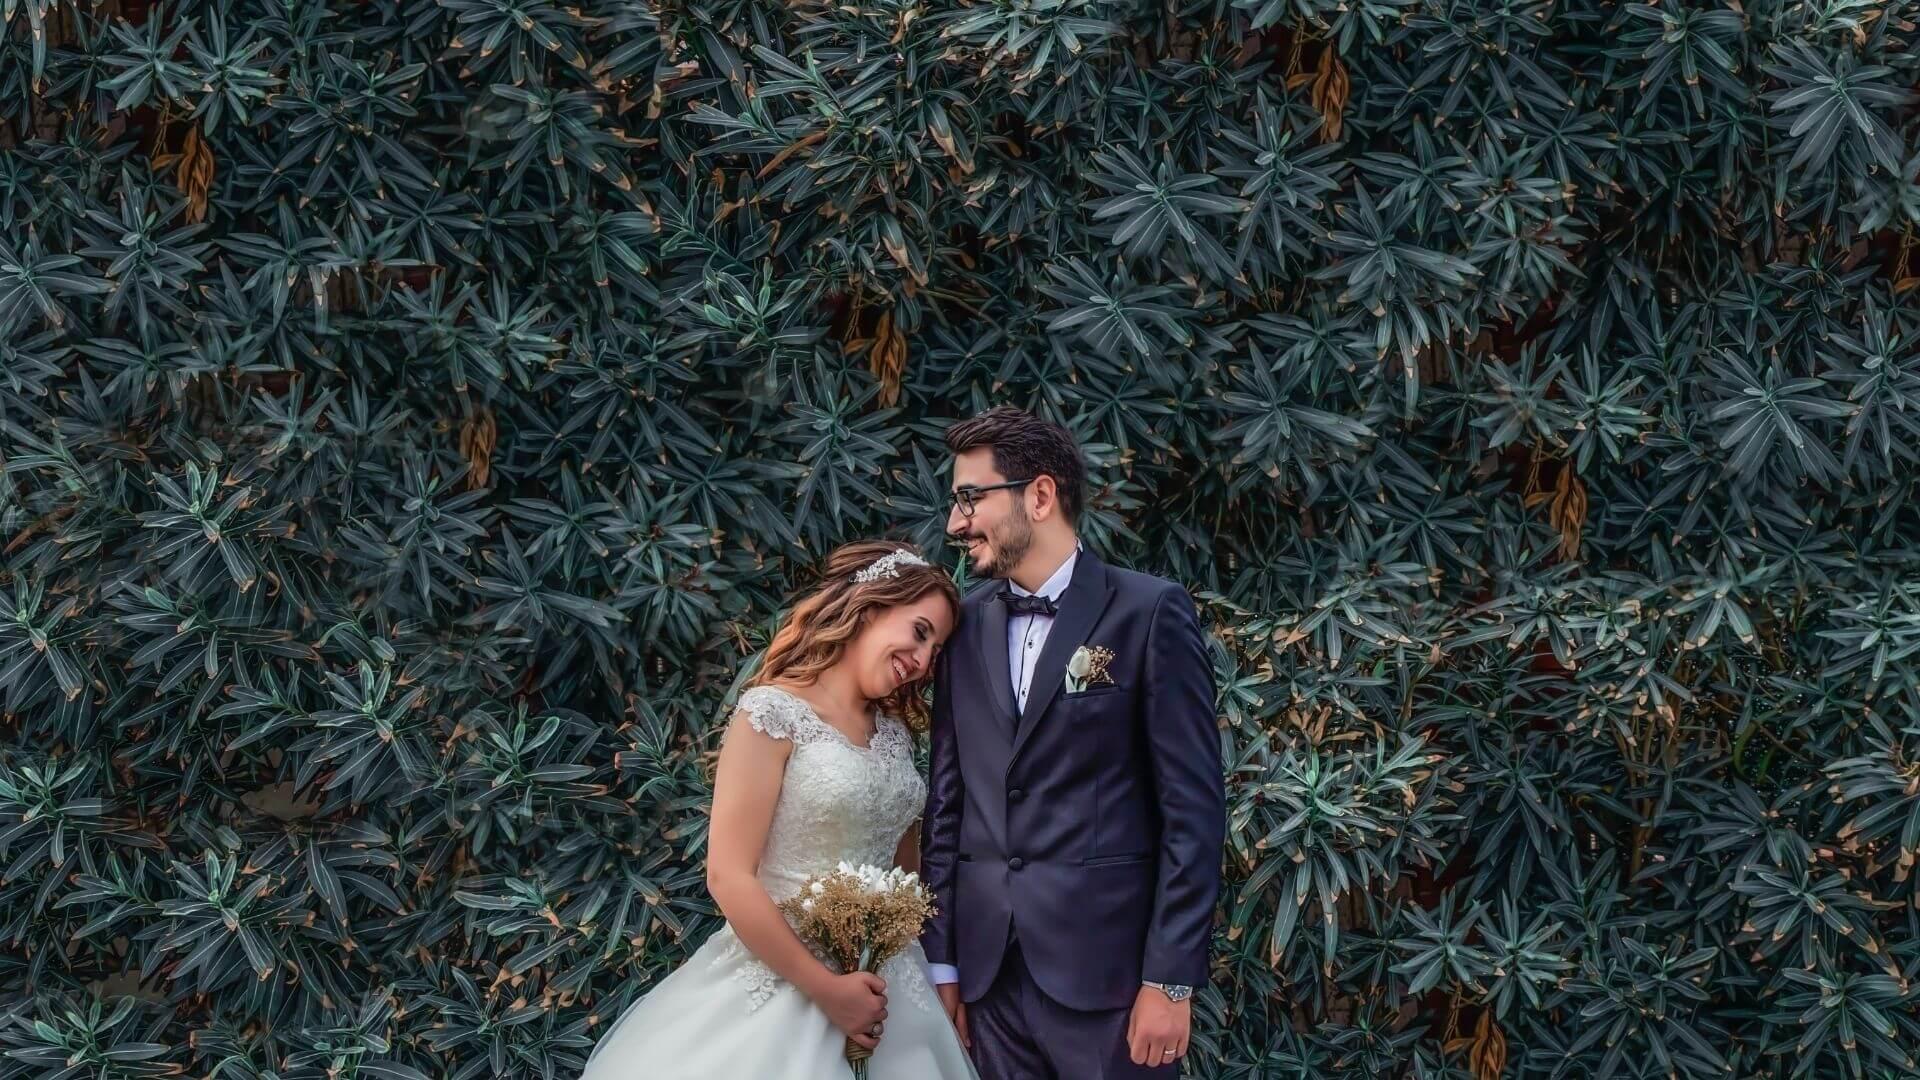 Un couple de mariés sourit devant des fleurs à Soissons